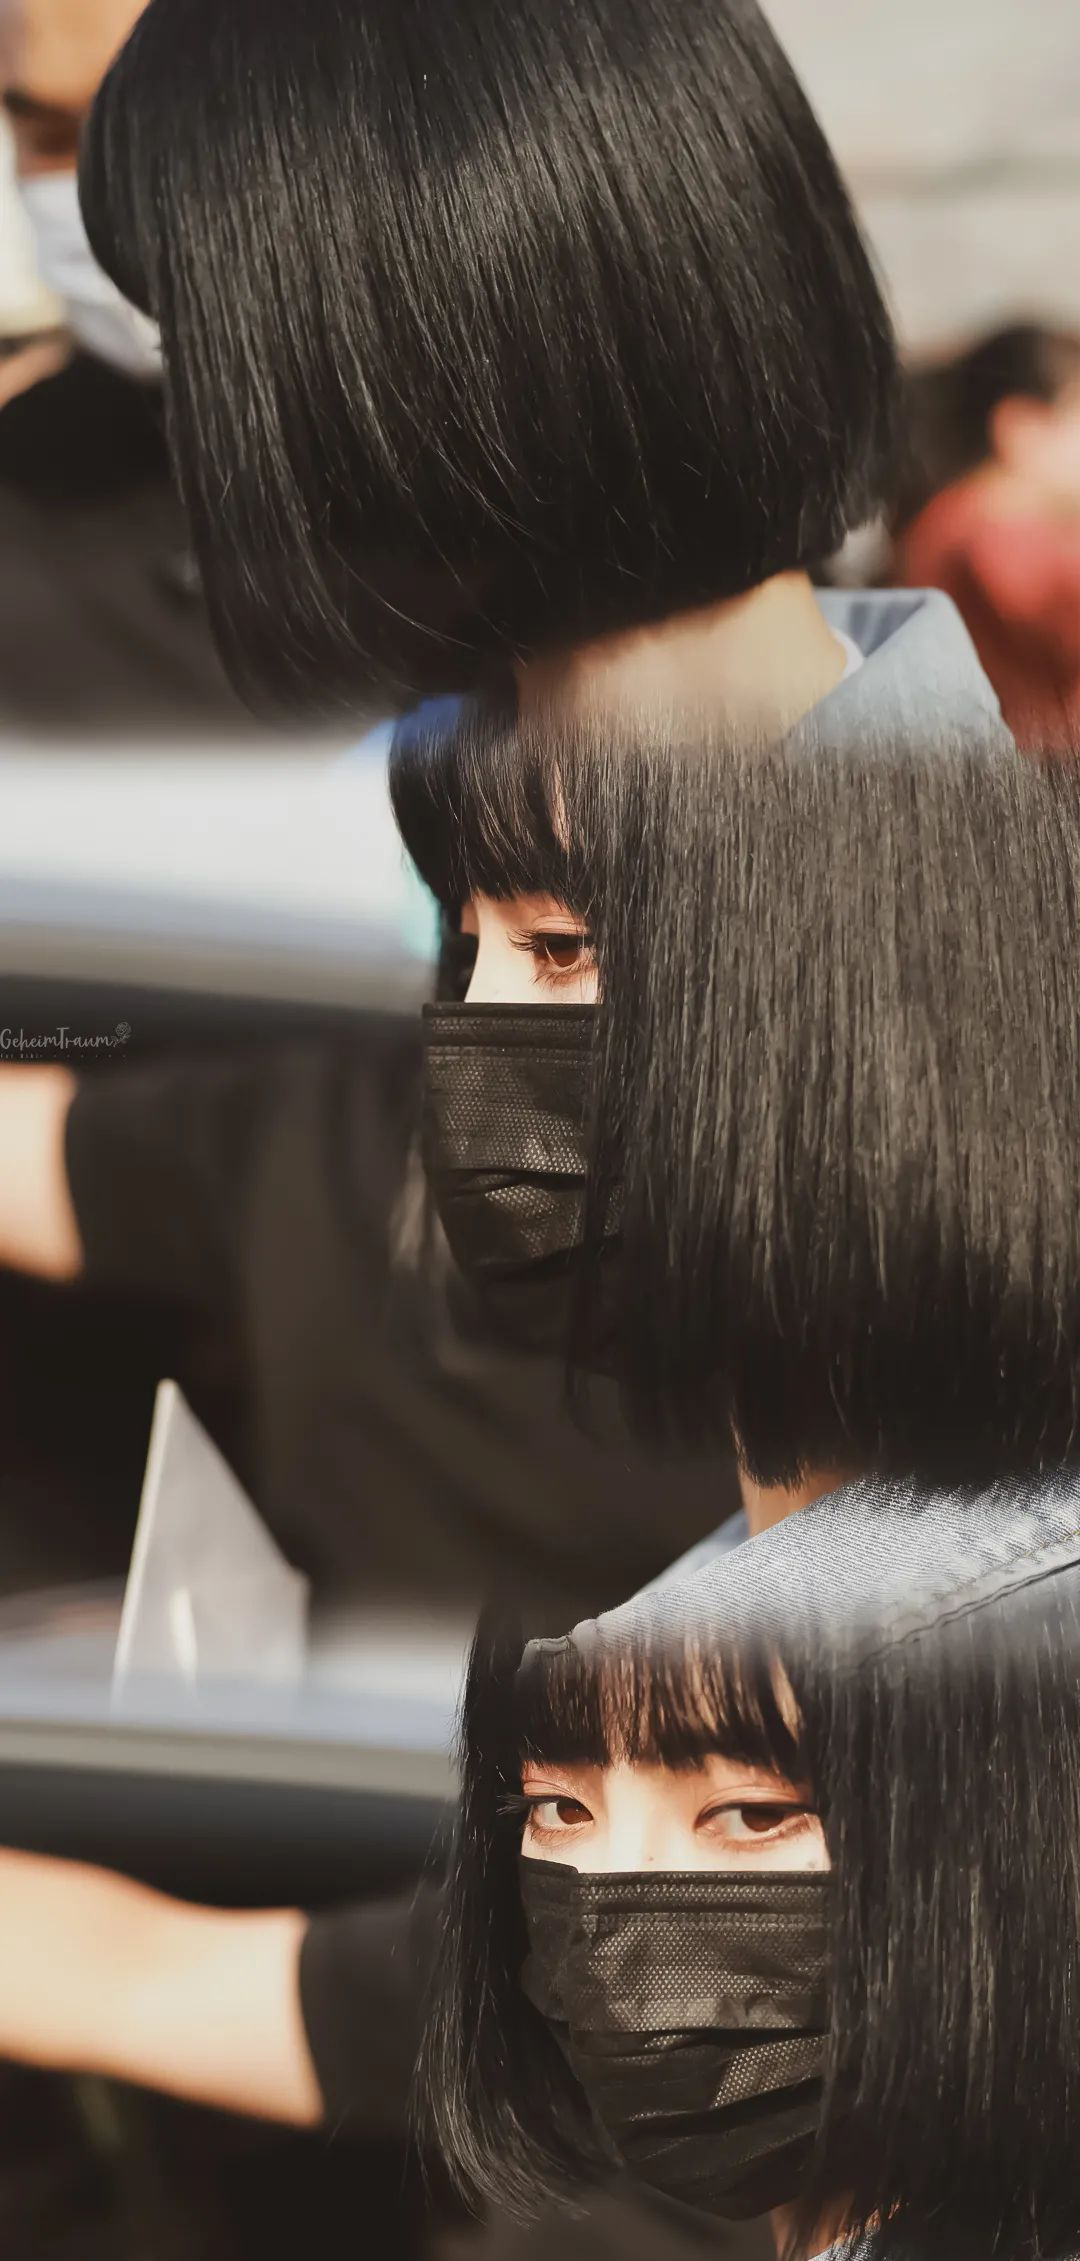 妹子写真 – 许佳琪 × 刘令姿,有认识这两位的嘛?_图片 No.12